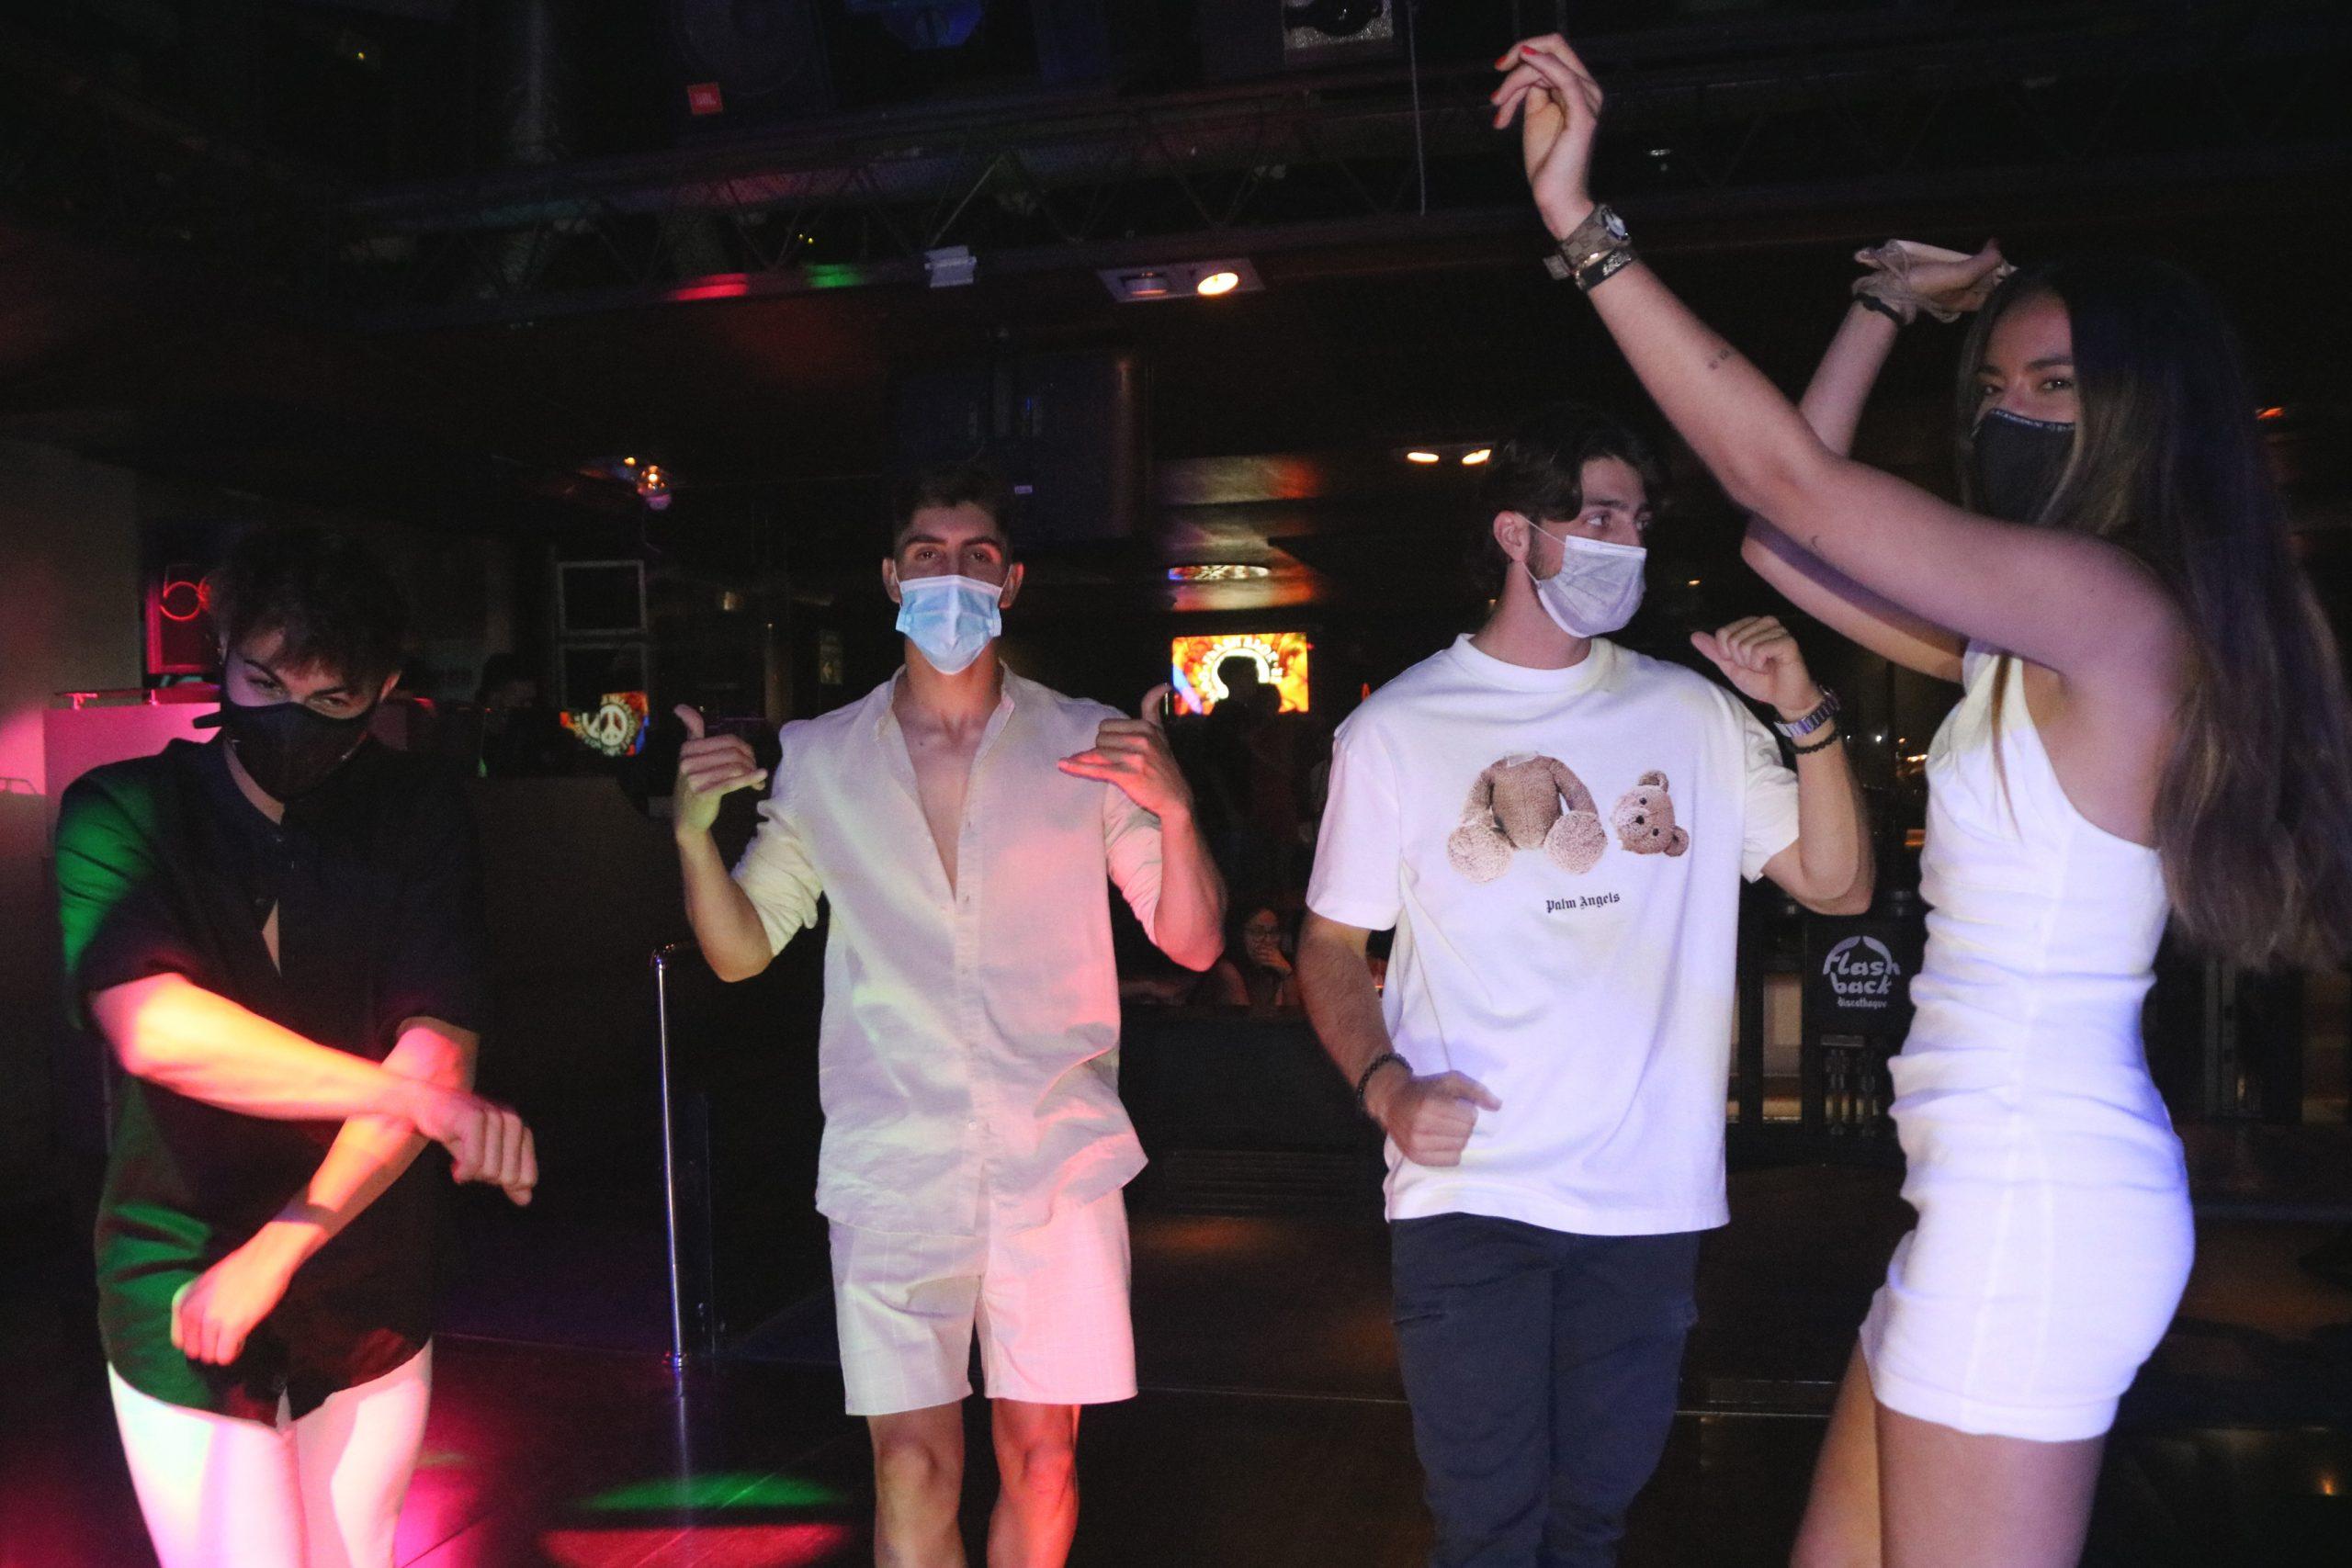 Un grup de joves que balla amb mascareta a la pista d'una discoteca de Salou / ACN